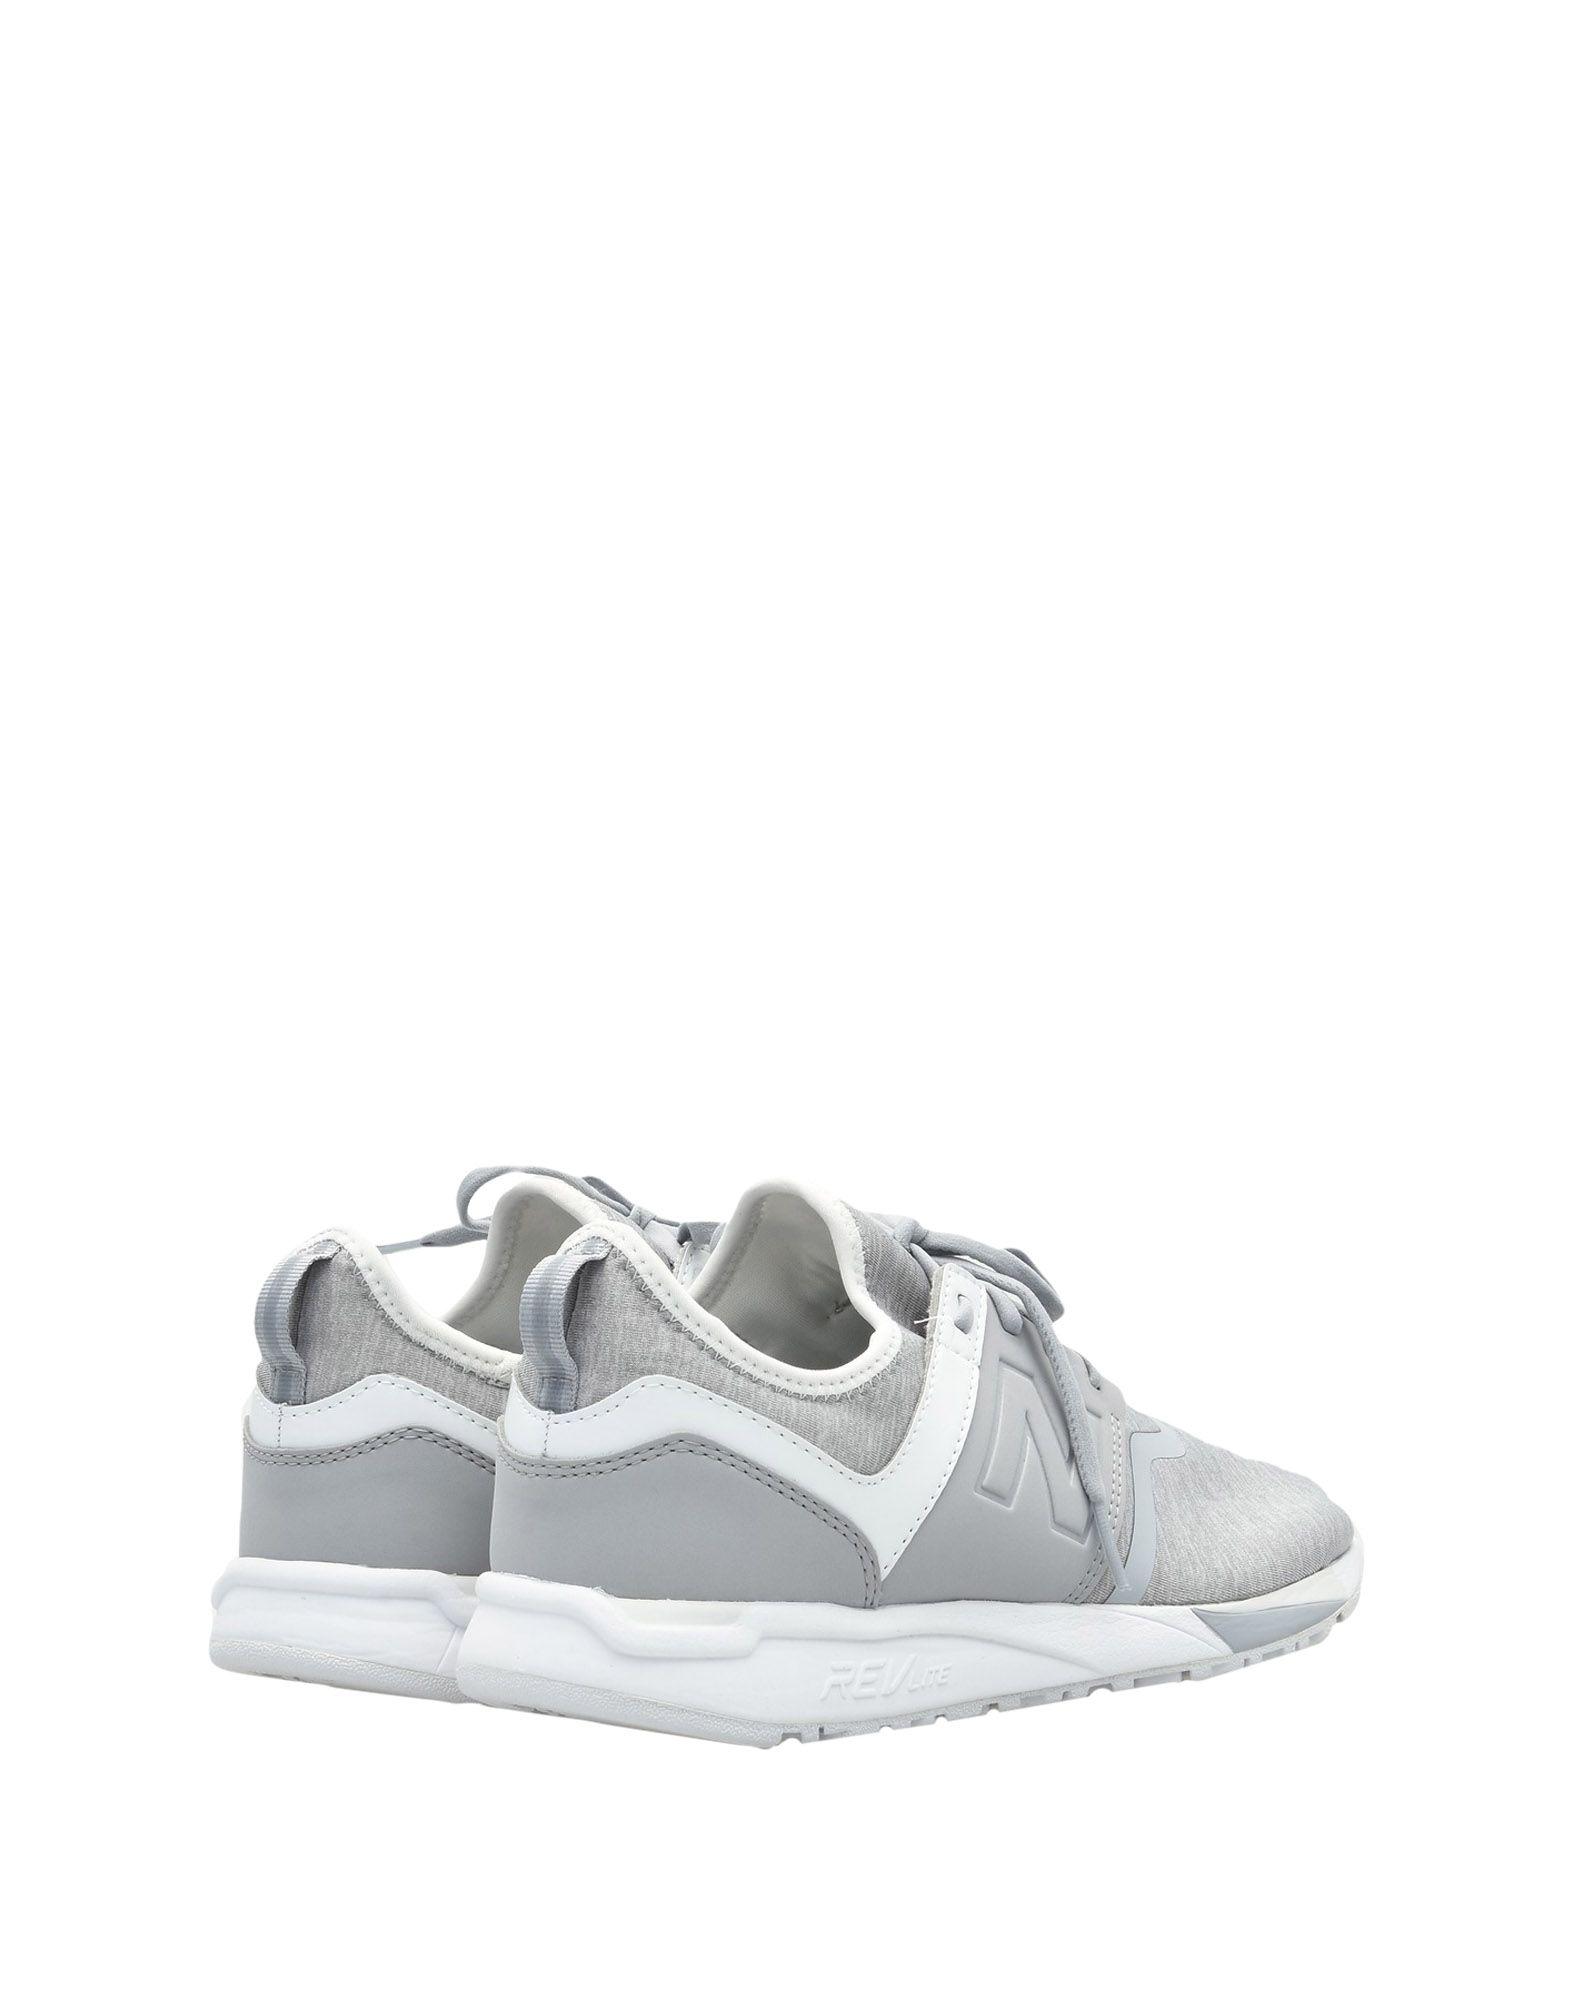 New Balance 247 Qualität Jersey  11497553JC Gute Qualität 247 beliebte Schuhe 0dd4a9